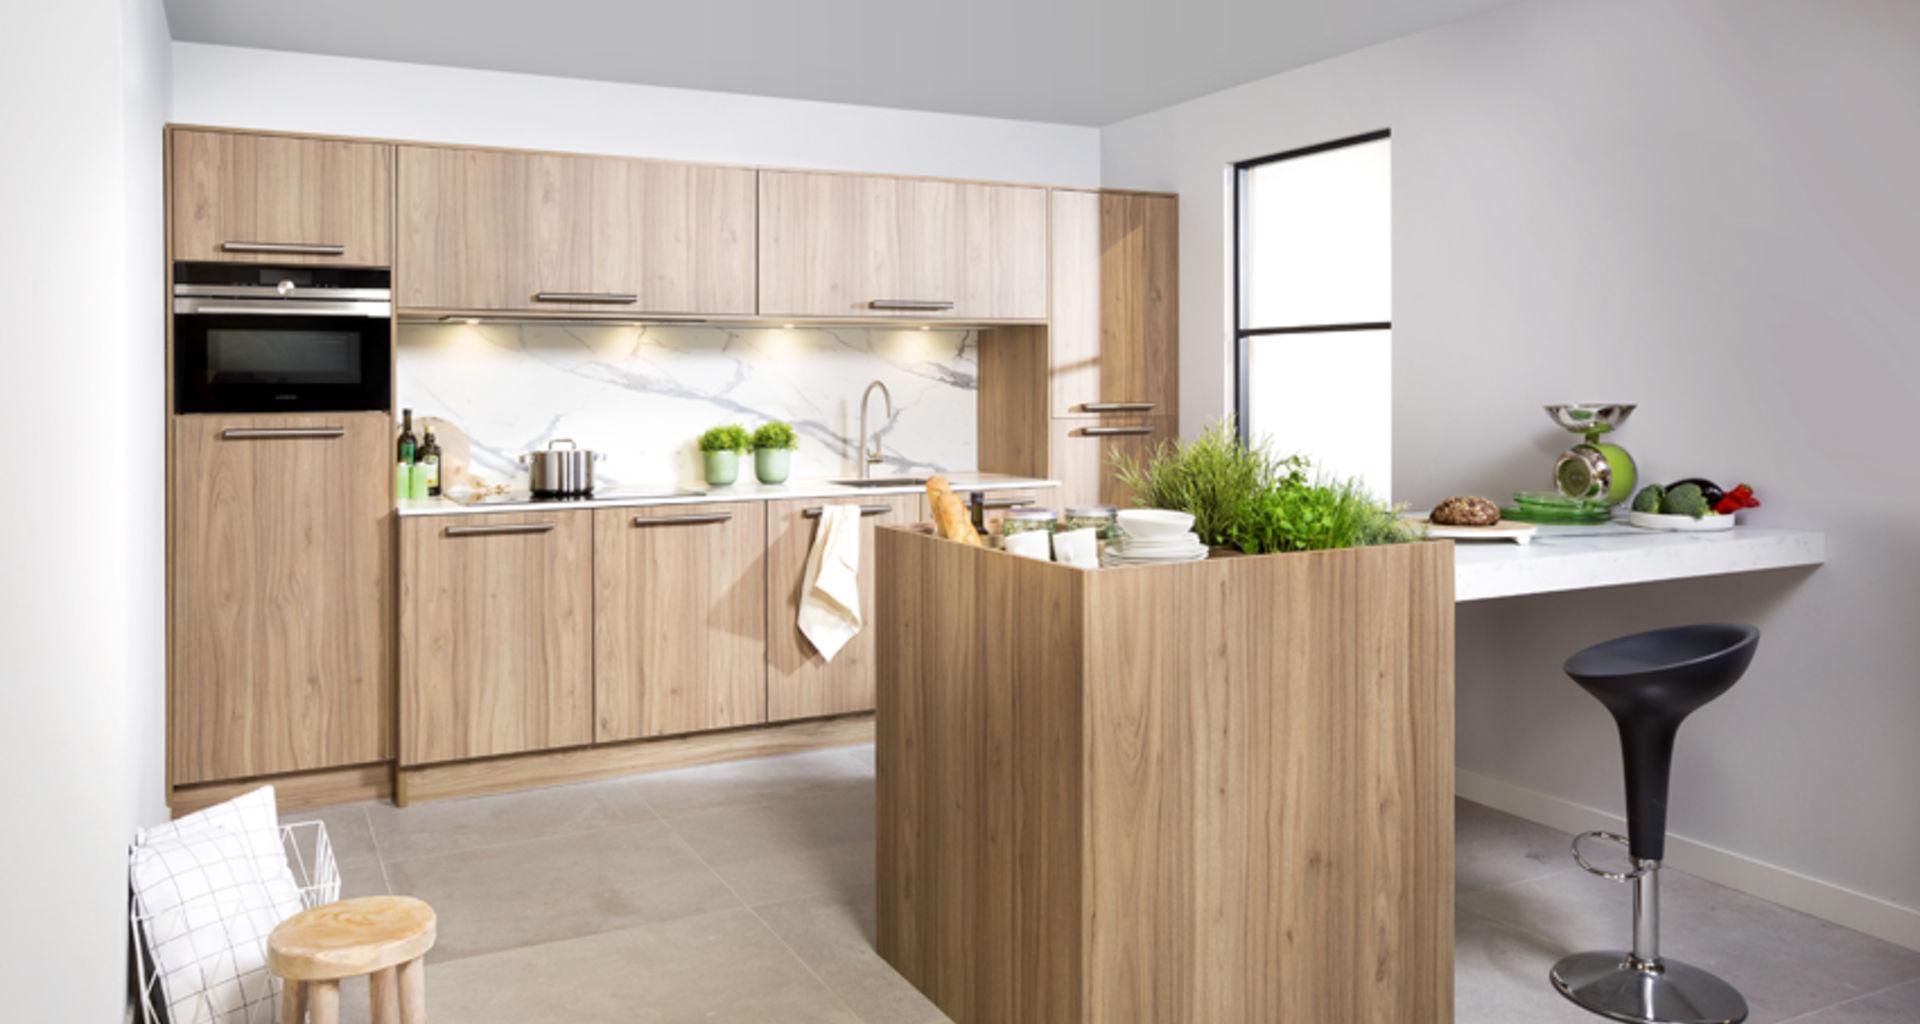 Van Hout Keukens : De warme sfeer van een houten keuken tulp keukens